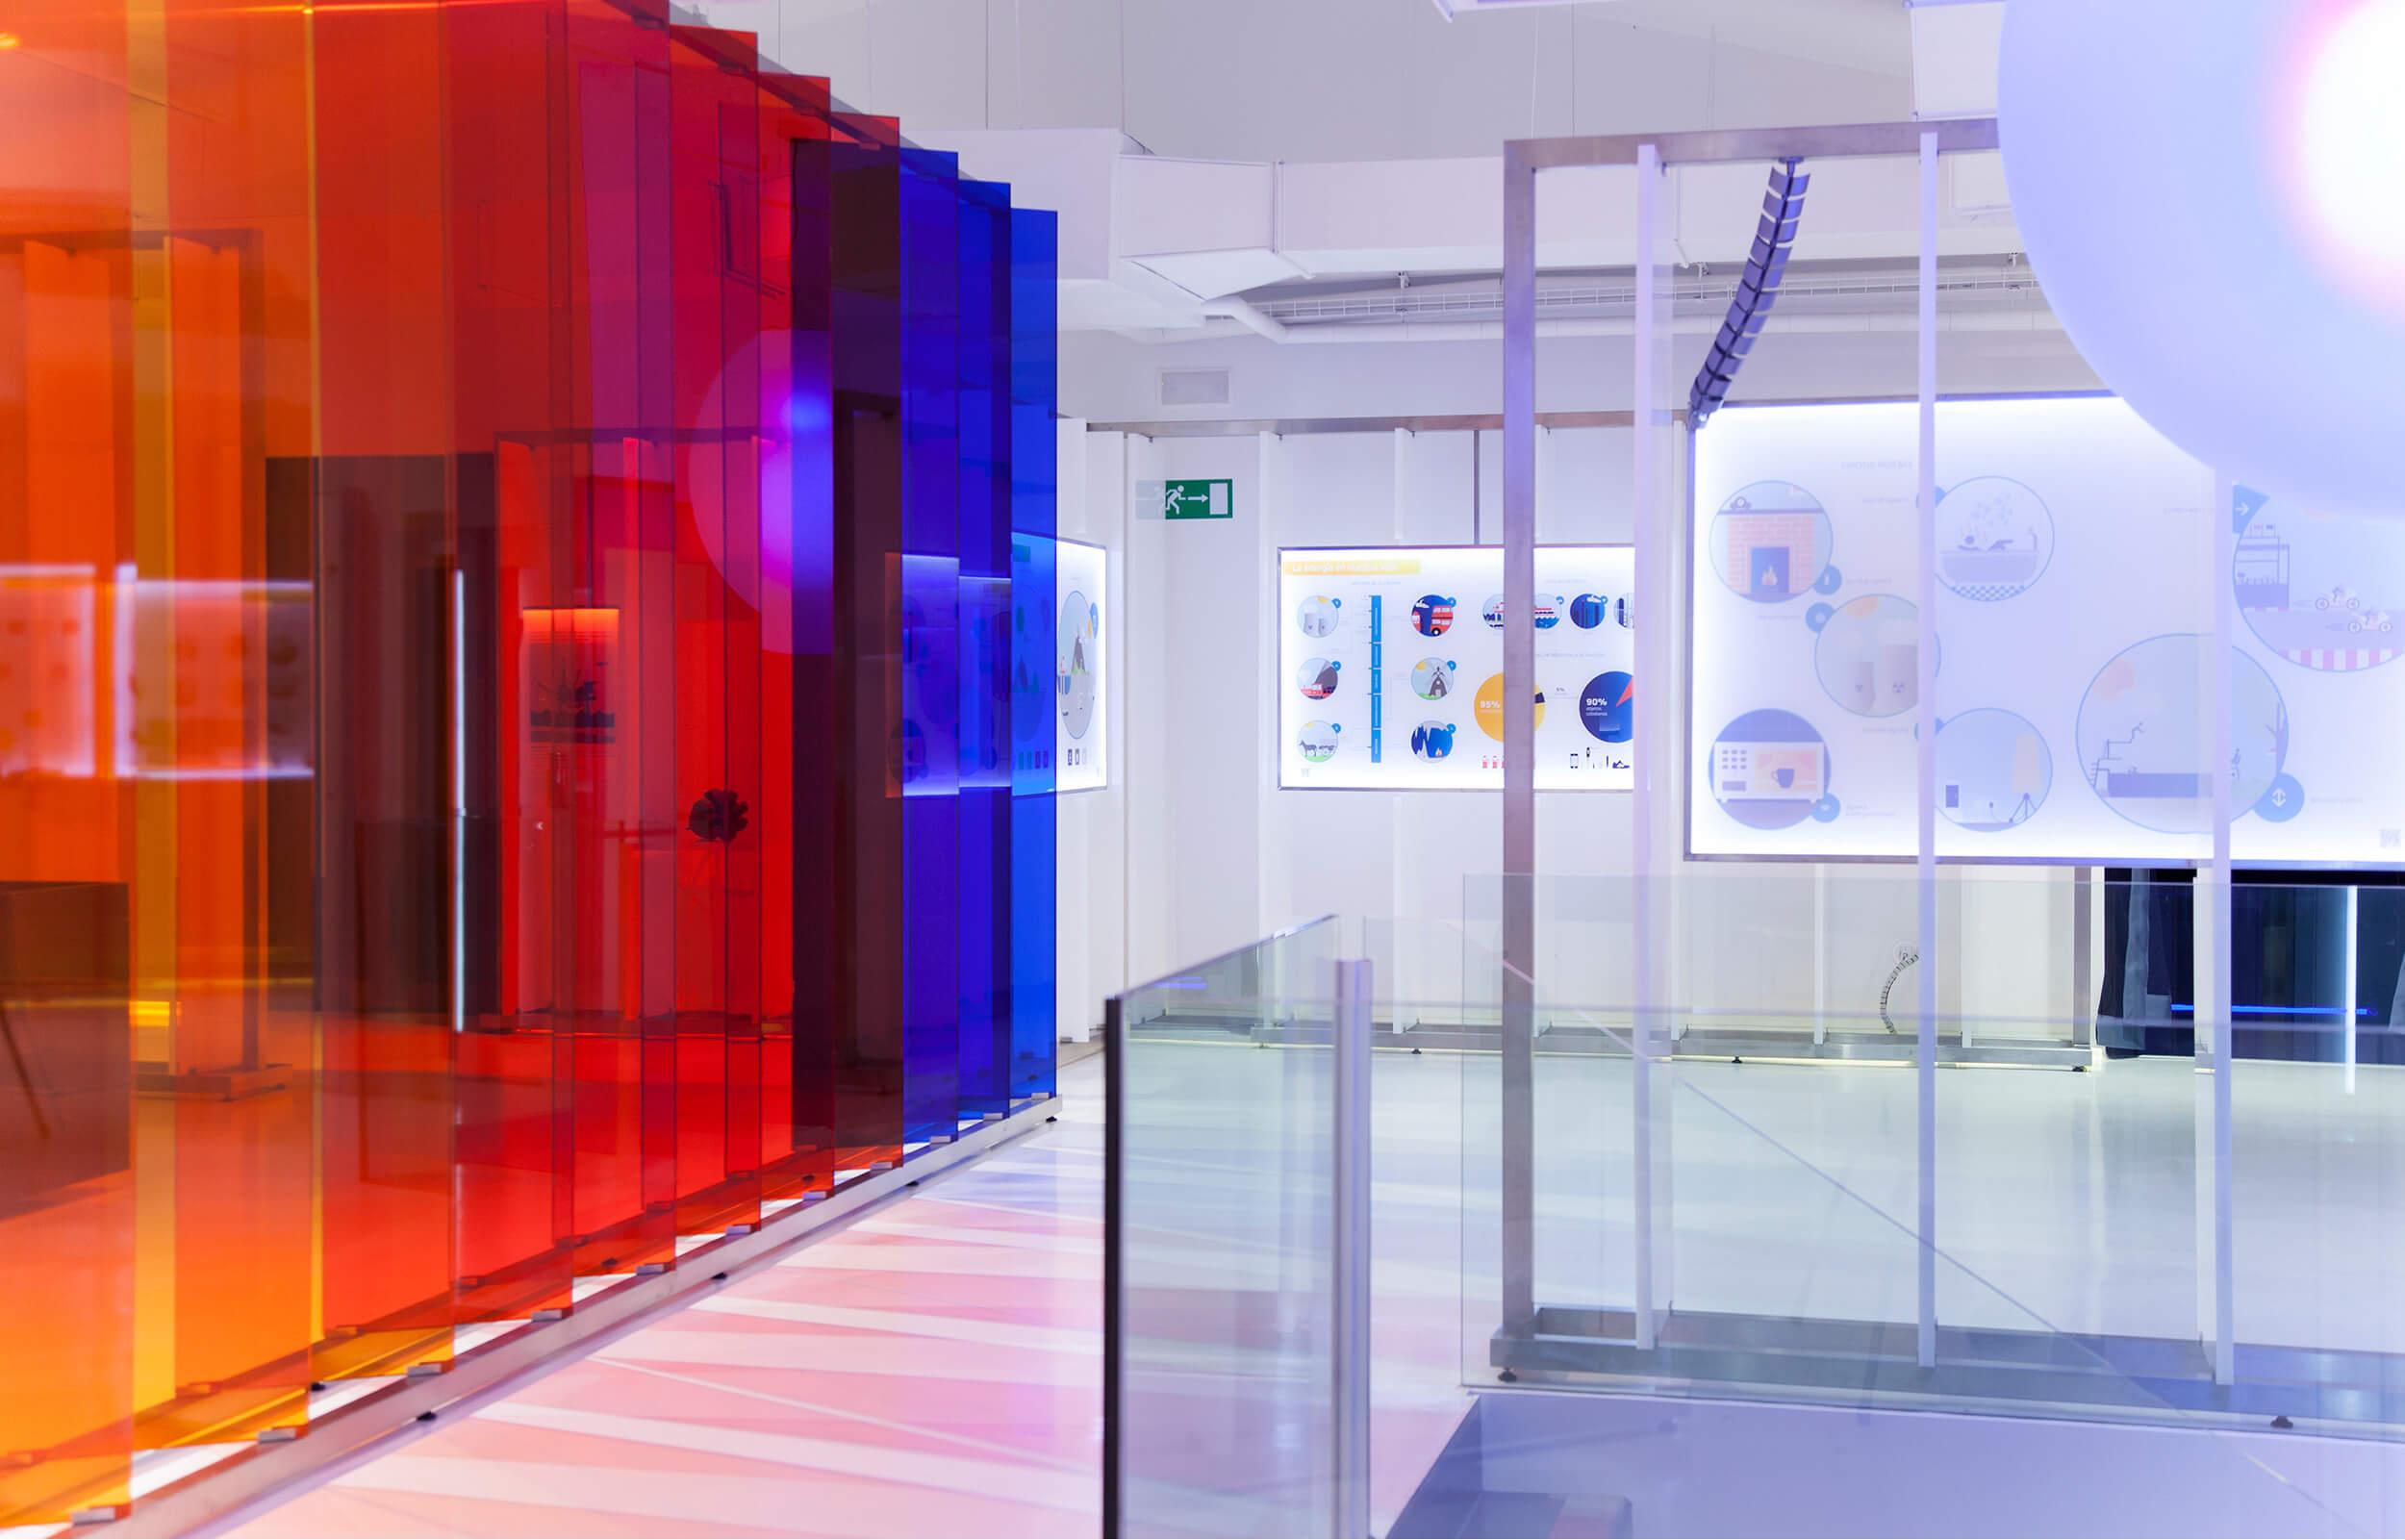 Diseño de los paneles del Centro de Visitantes de Repsol en Cartagena.